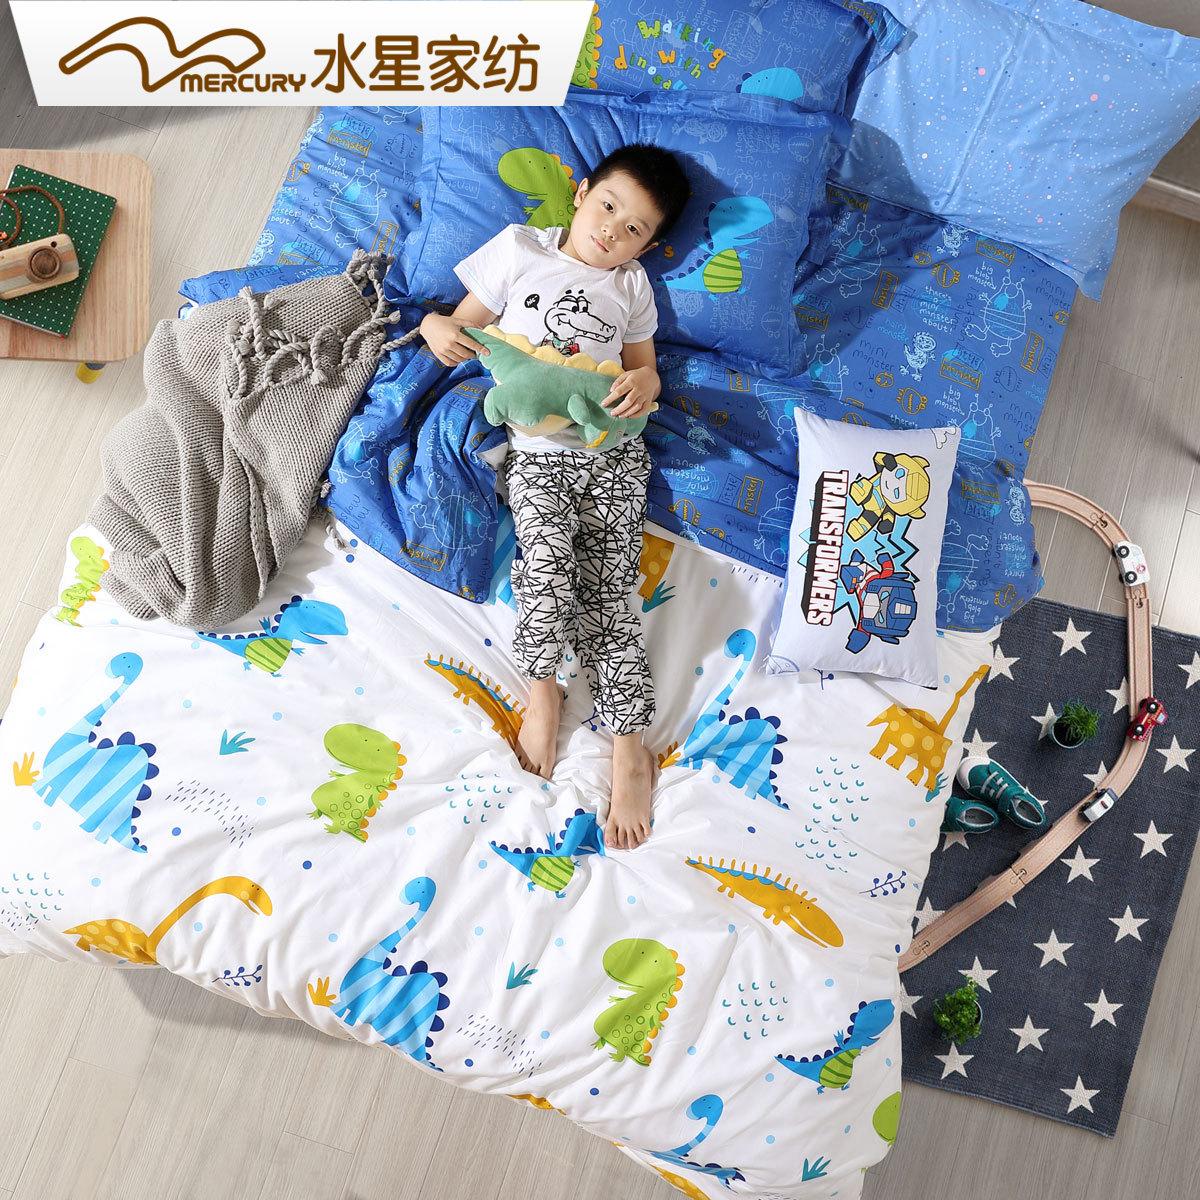 水星家纺儿童四件套纯棉男孩全棉卡通被套宿舍床单恐龙被套萌龙纪